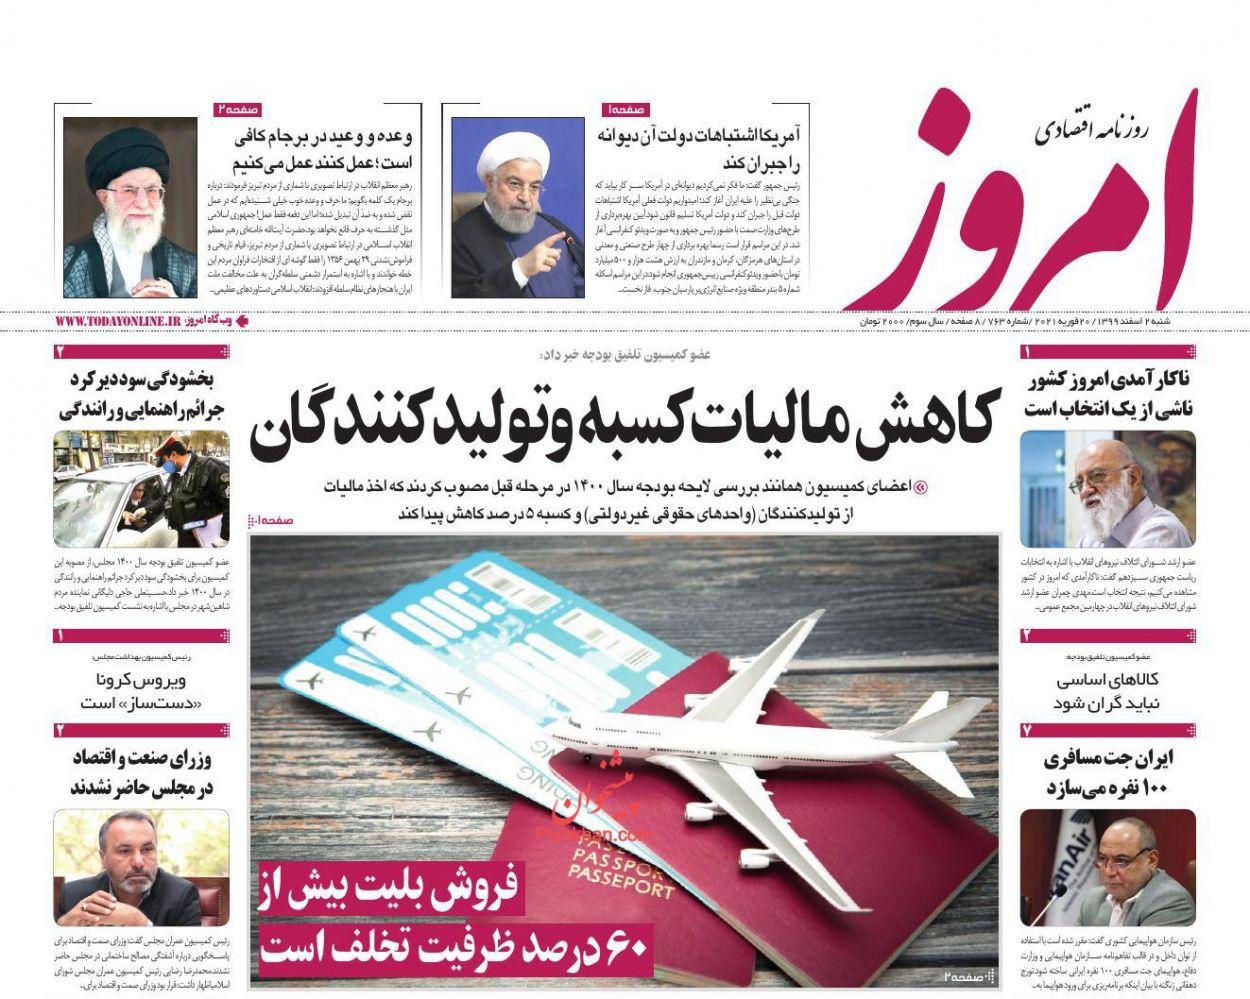 عناوین اخبار روزنامه امروز در روز شنبه ۲ اسفند